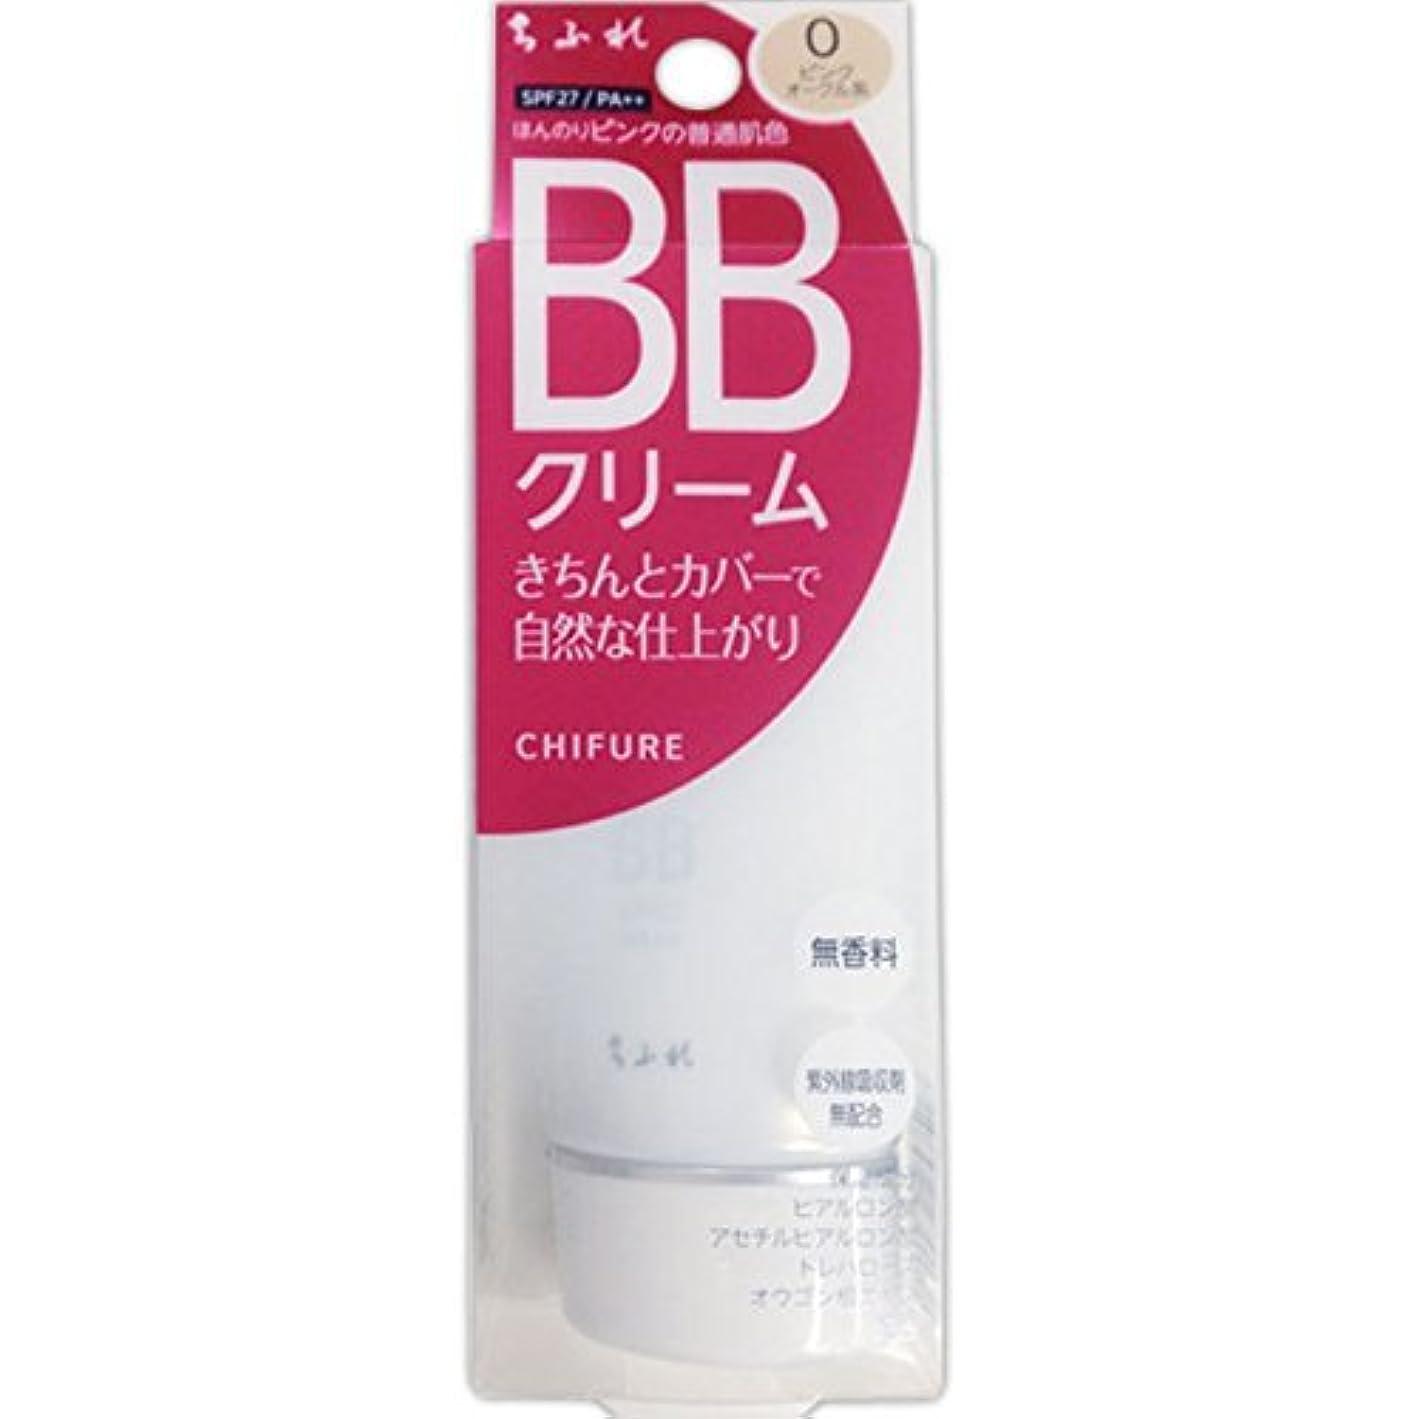 エンドテーブルアパート致命的なちふれ化粧品 BB クリーム ほんのりピンクの普通肌色 0